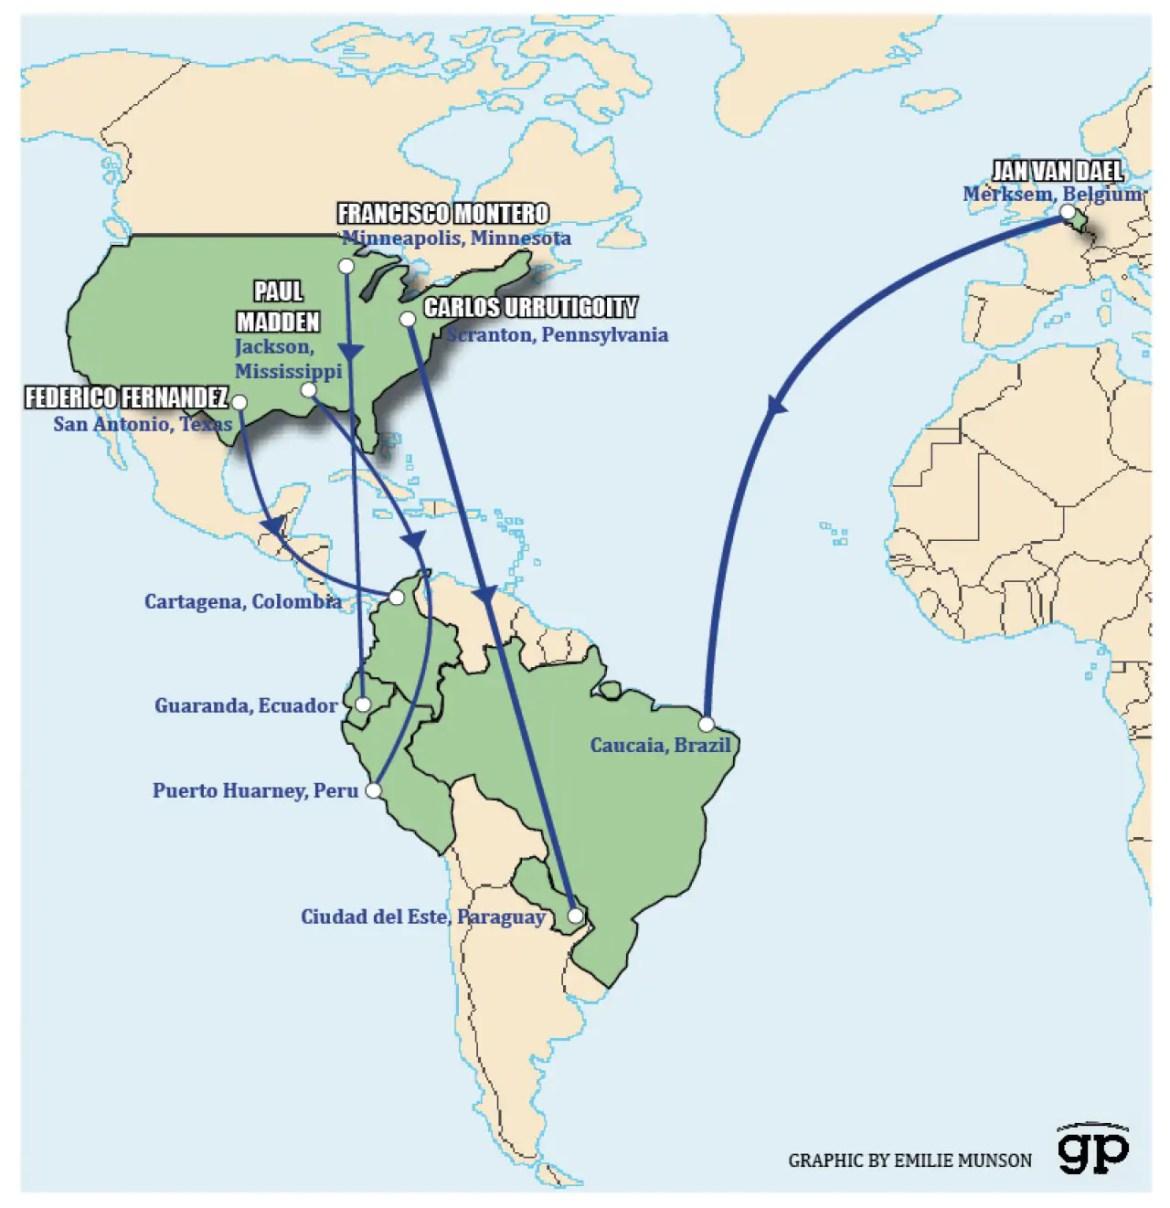 Herkansing voor misbruikende priesters in Zuid-Amerika